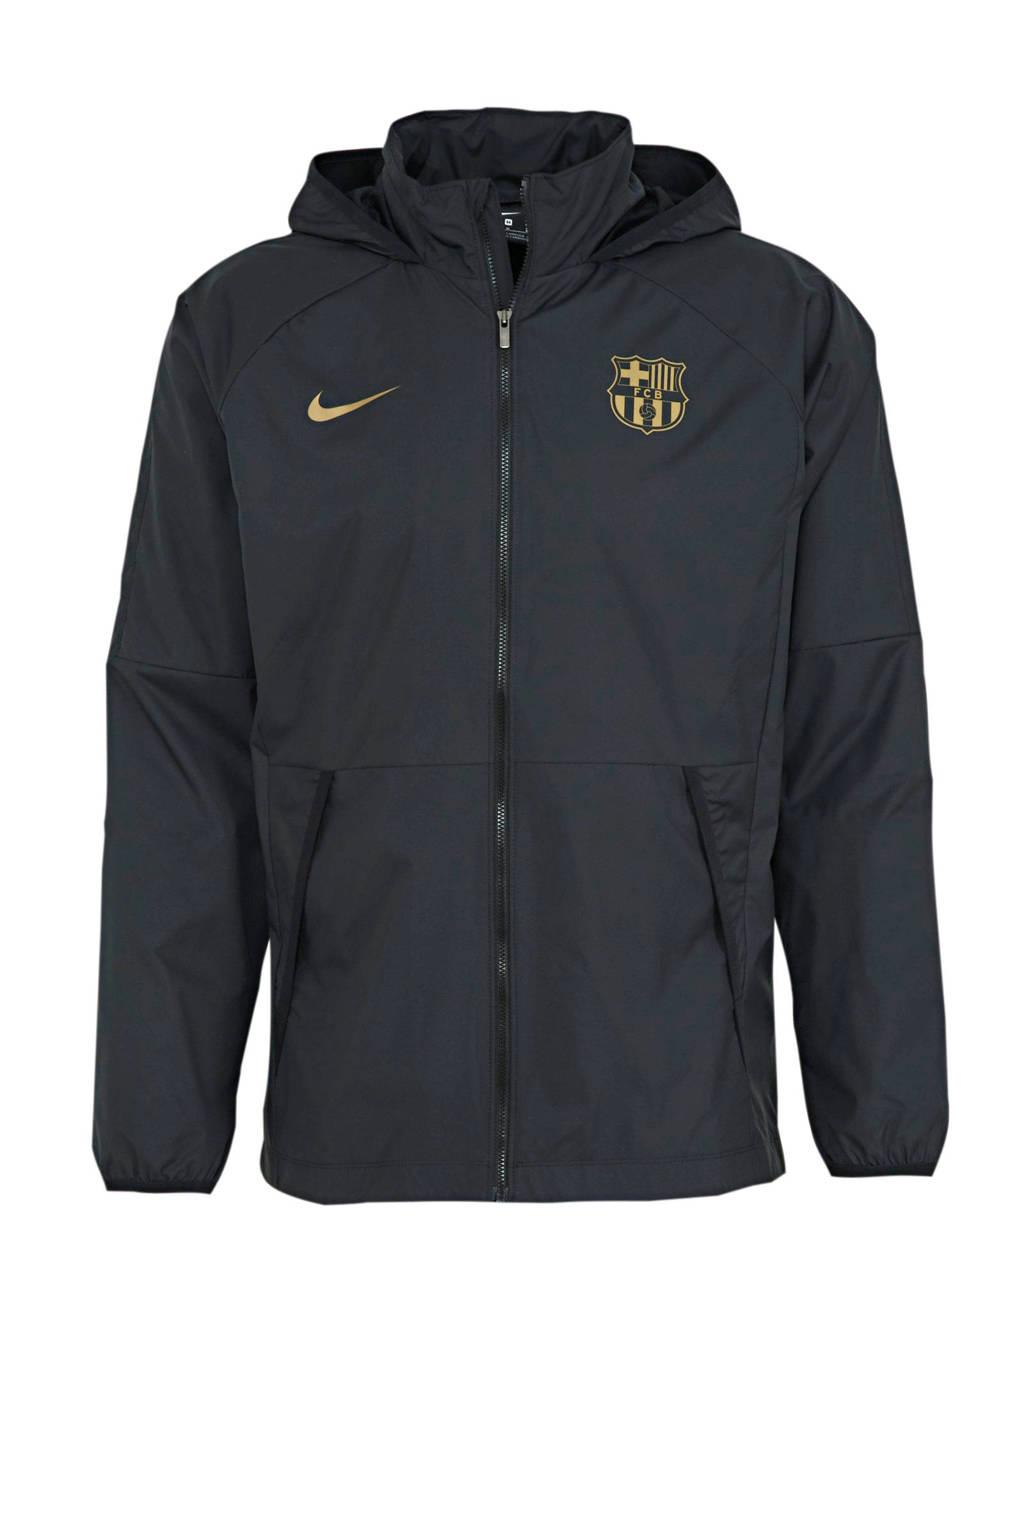 Nike Senior FC Barcelona Voetbalvest zwart/goud, Zwart/goud